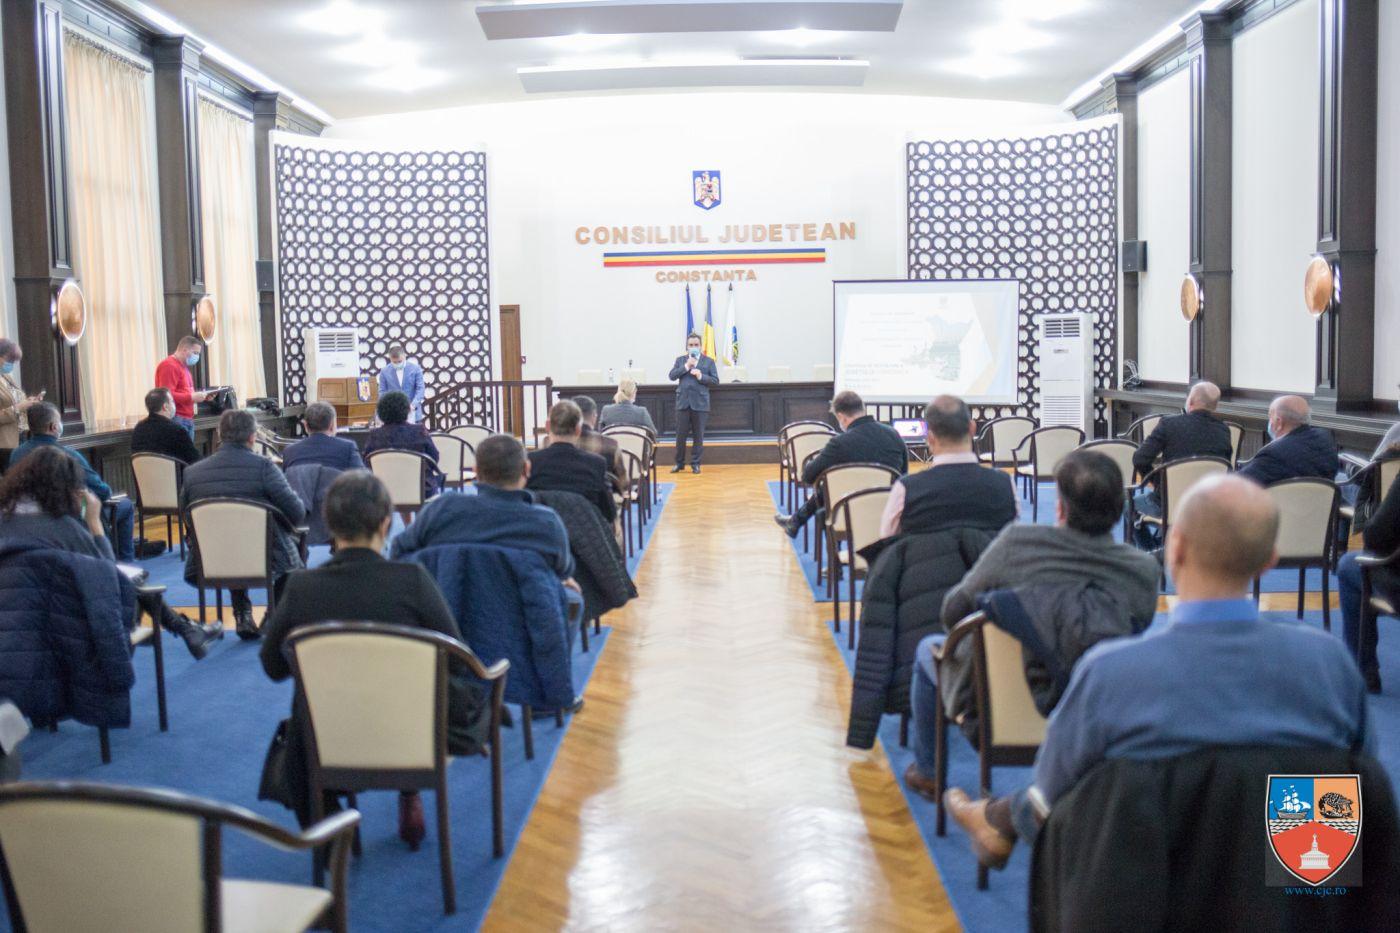 Președintele Consiliului Județean Constanța a stabilit o strategie de dezvoltate împreună cu primarii